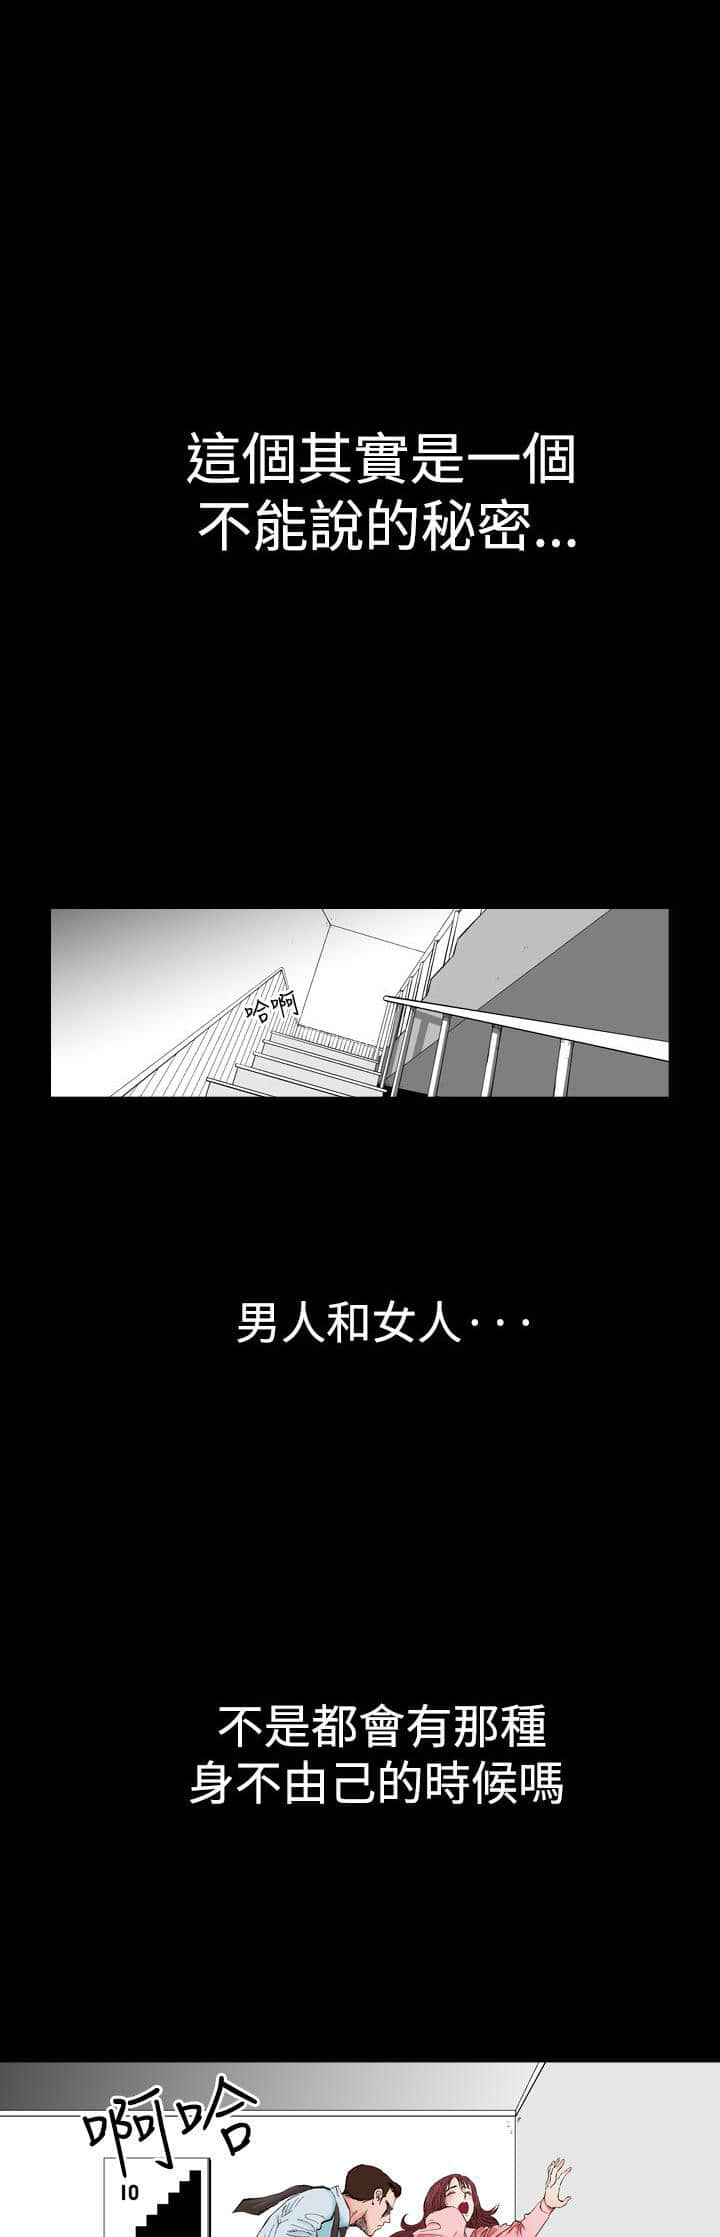 海贼王712漫画-海贼王712漫画漫画完整全文免费阅读【已完结】